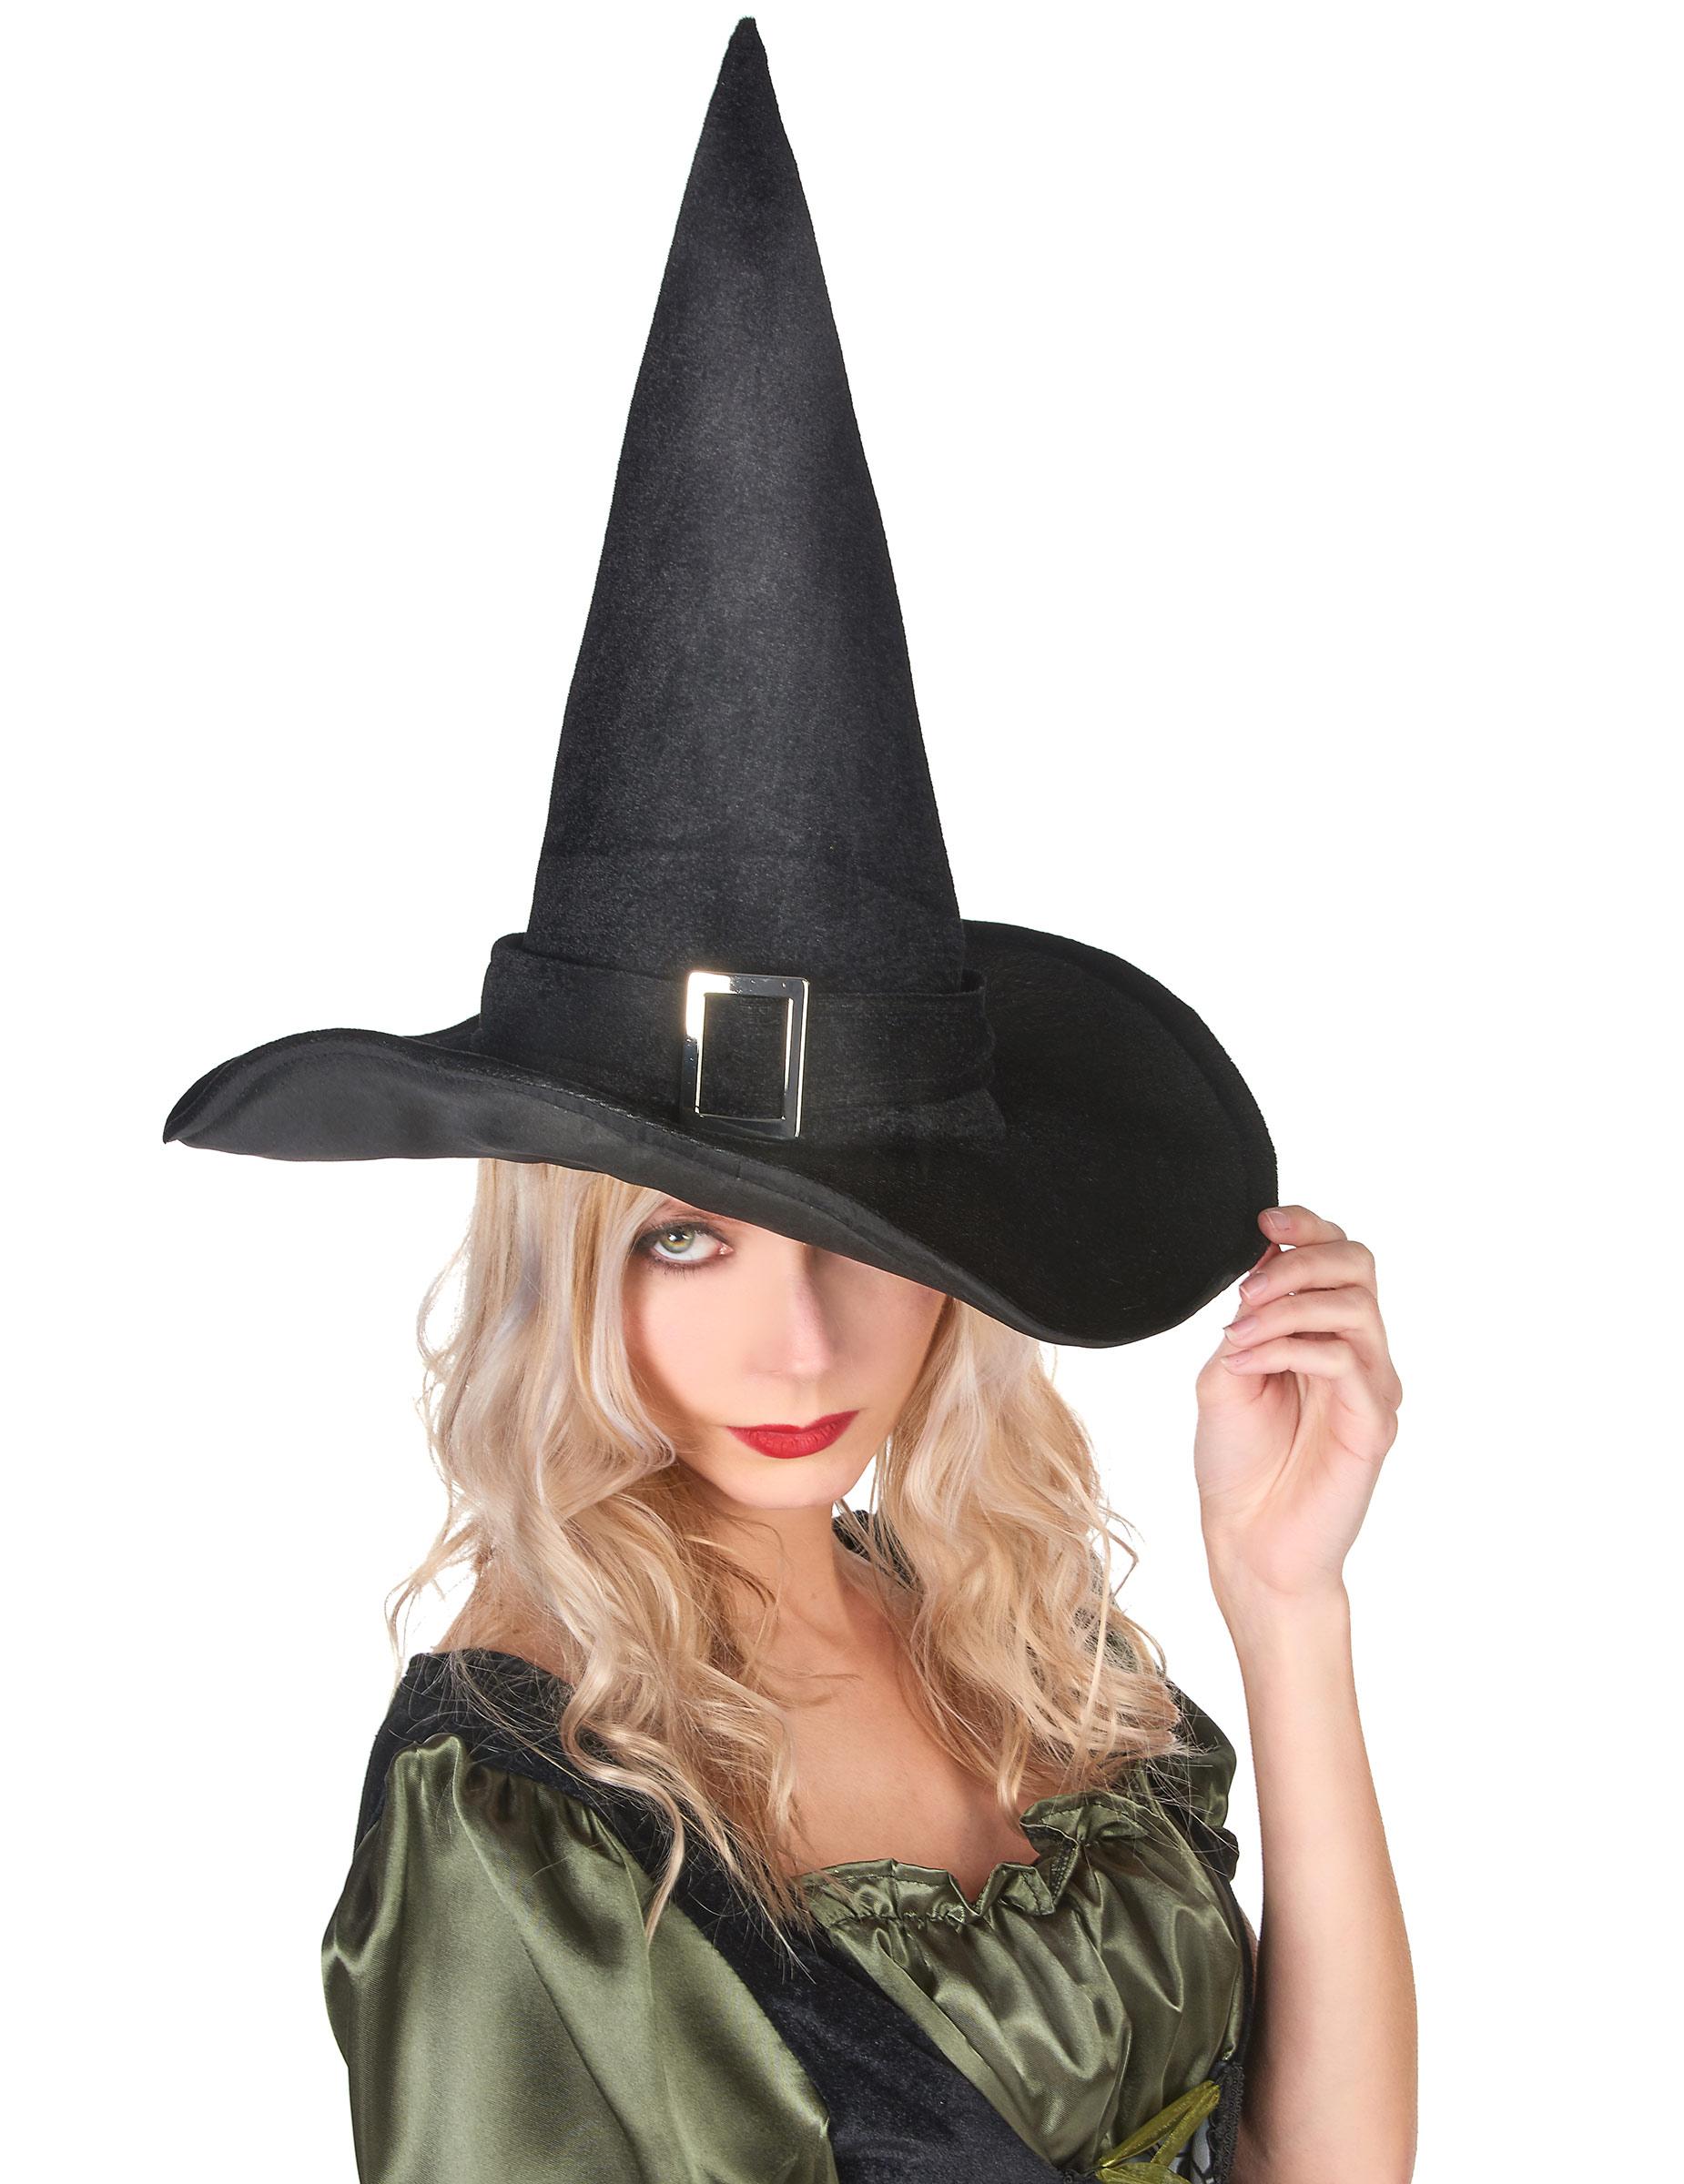 Sombrero de bruja de terciopelo para mujer ideal para Halloween b7ab45d7e04